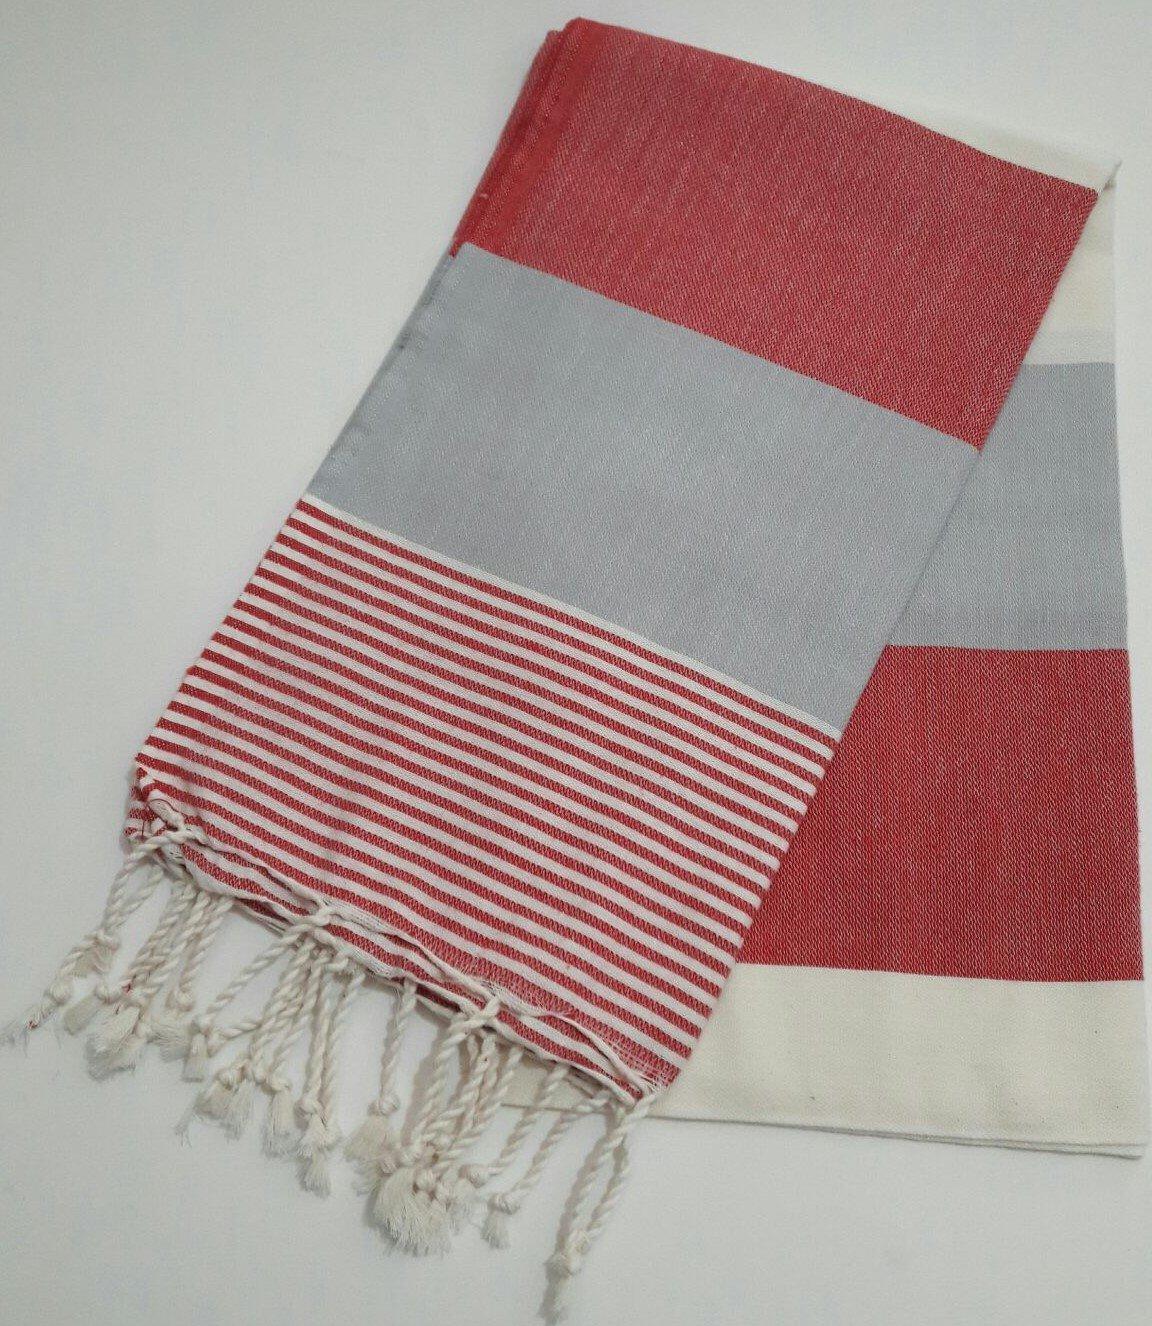 Paramus Turkish Cotton Bath Beach Spa Hammam Yoga Gym Yacht Hamam Towel Wrap Pareo Fouta Throw Peshtemal Pestemal Sheet Blanket (red) by Paramus (Image #1)